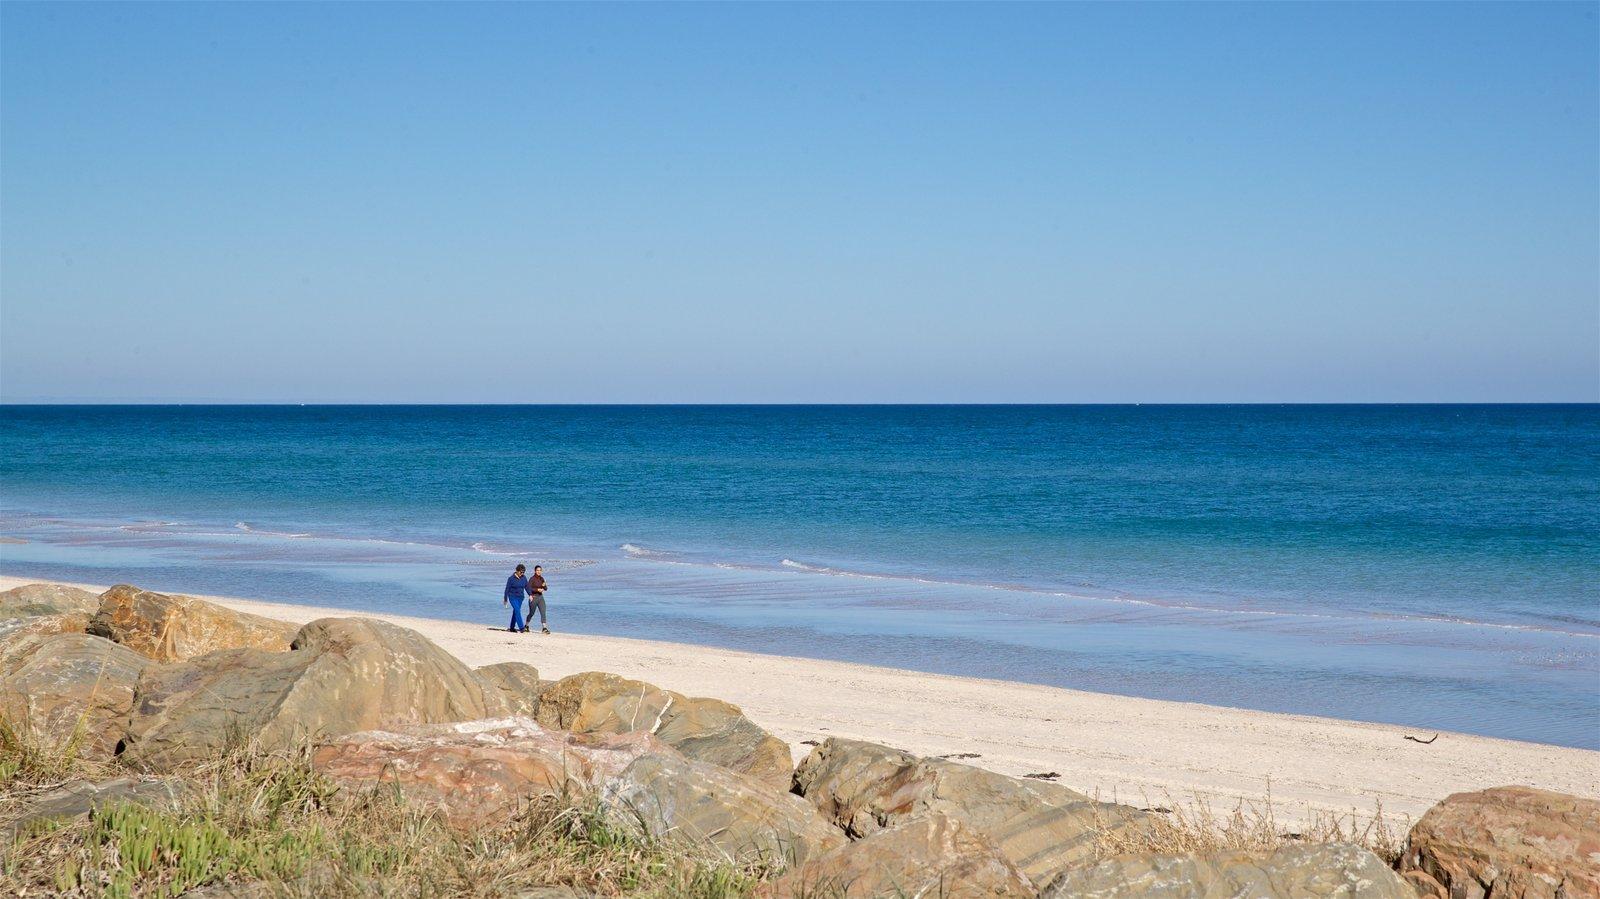 Playa Henley ofreciendo vistas generales de la costa y una playa y también una pareja